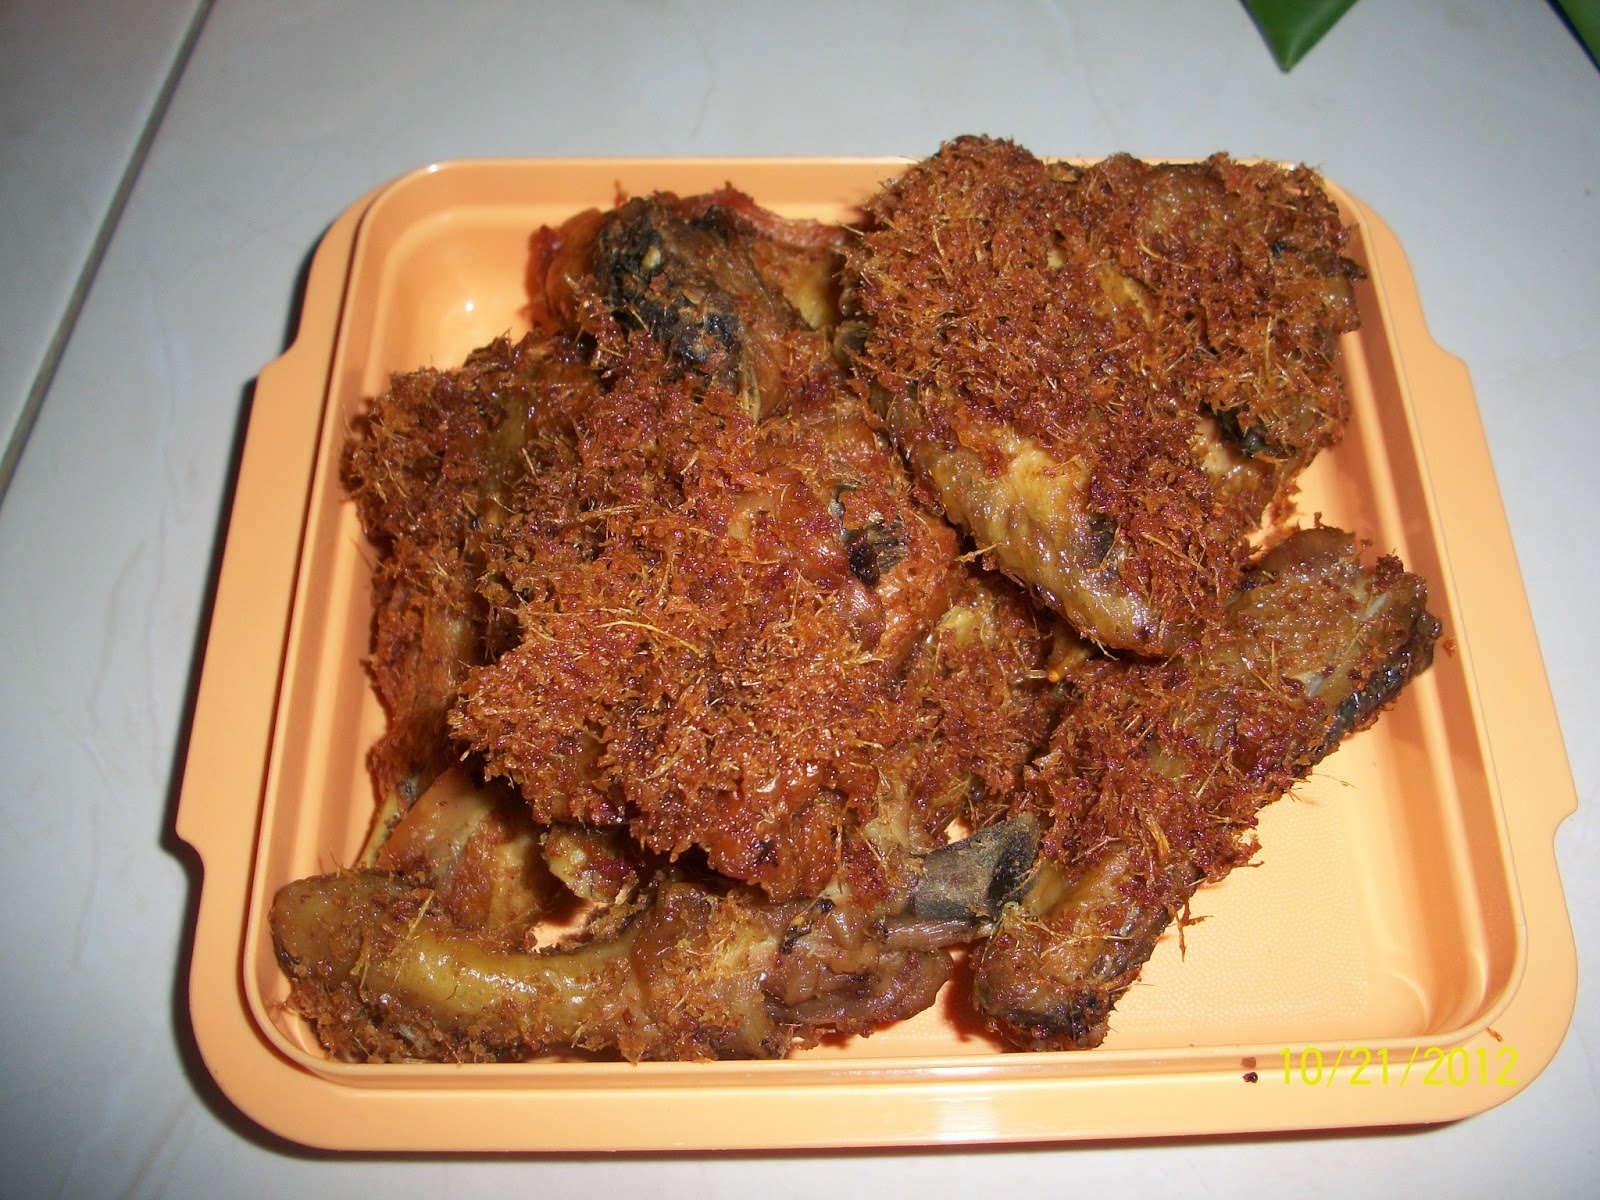 Resep ayam goreng lengkuas Gurih